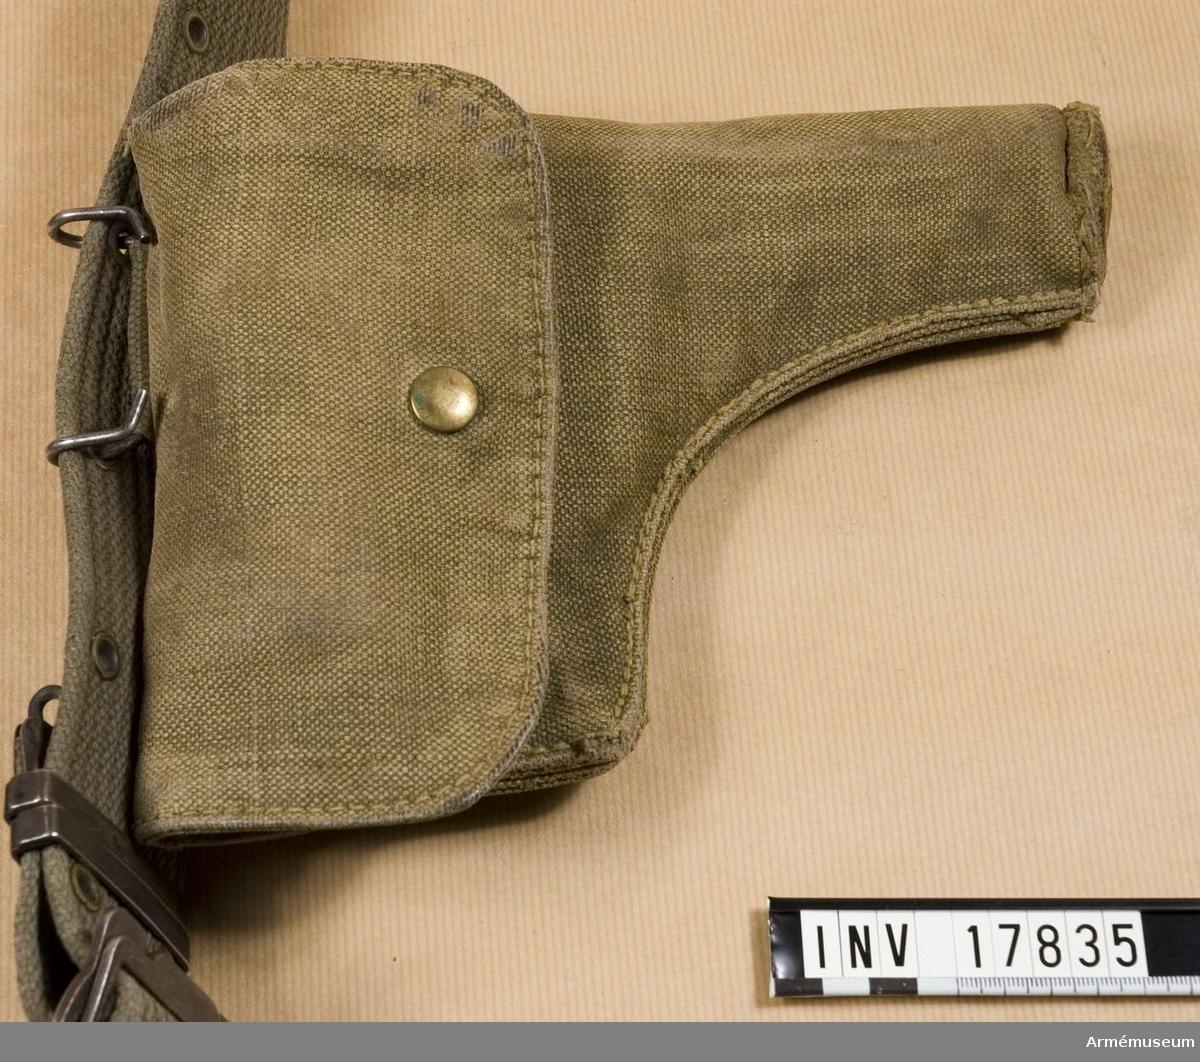 """Grupp C I. Pistolhölster """"etui de pistolet"""". Ur uniform för löjtnant vid 1 ére regiment de Hussards parachutiste Algérie, 1959-1960, Frankrike. Uniformen består av jacka, byxor, basker, livrem, kängor, pistolhölster och fältflaska med överdrag."""